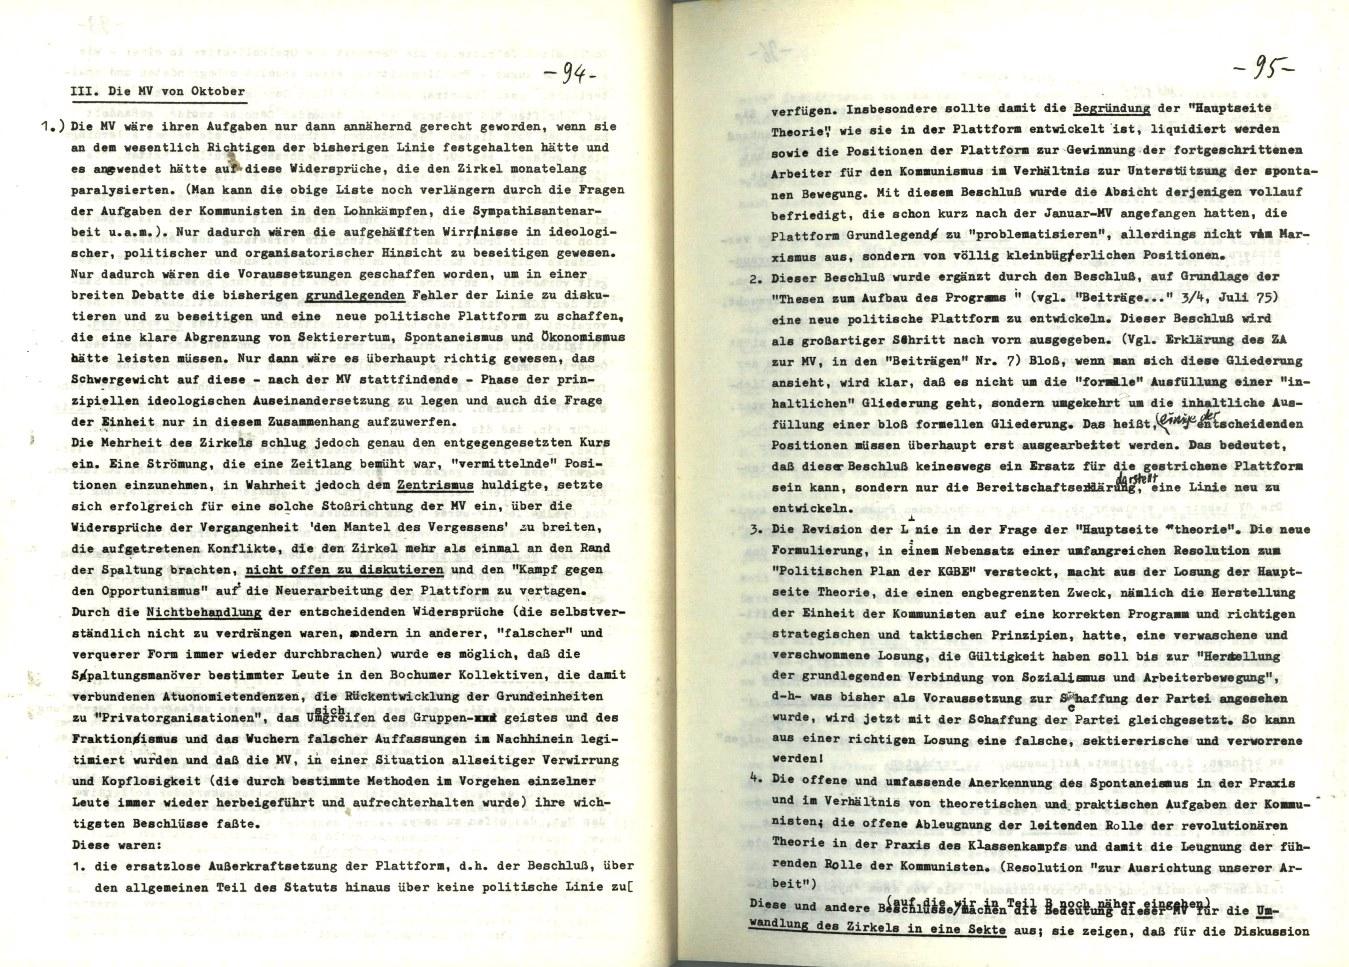 KGBE_Ehemalige_1977_Kritik_an_der_KGBE_51